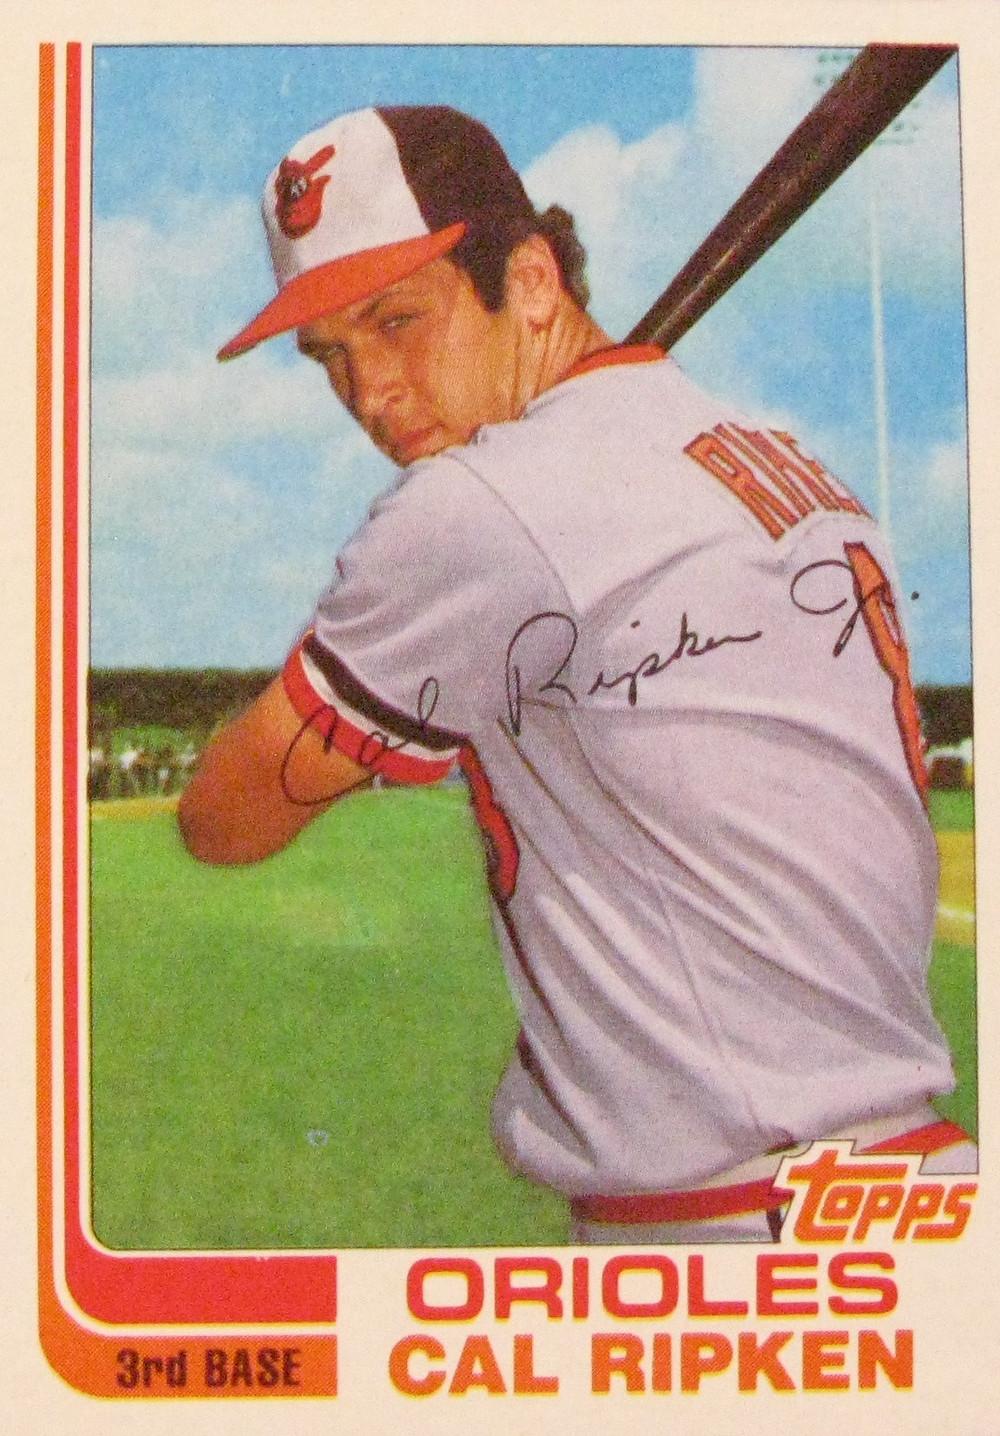 1982 Topps Cal Ripken